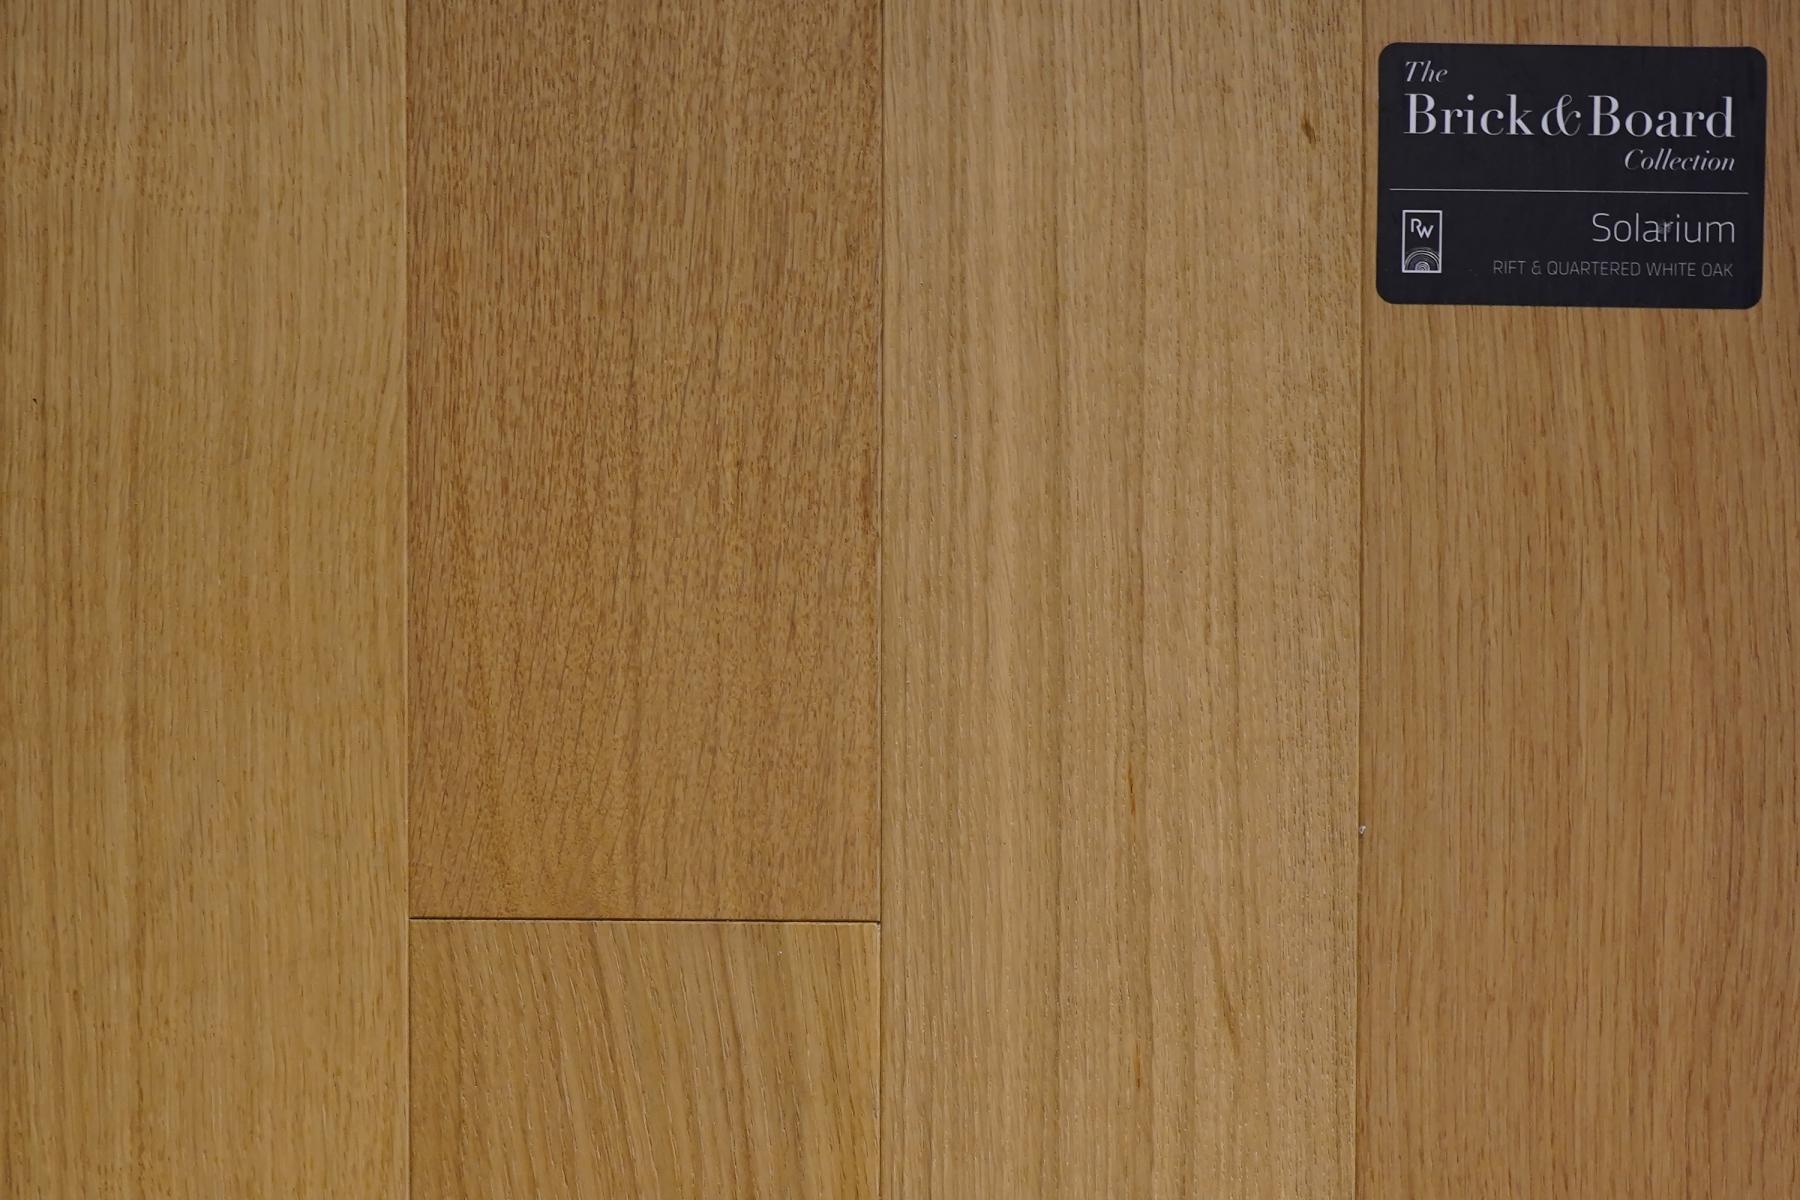 Brick- & Board - Solarium